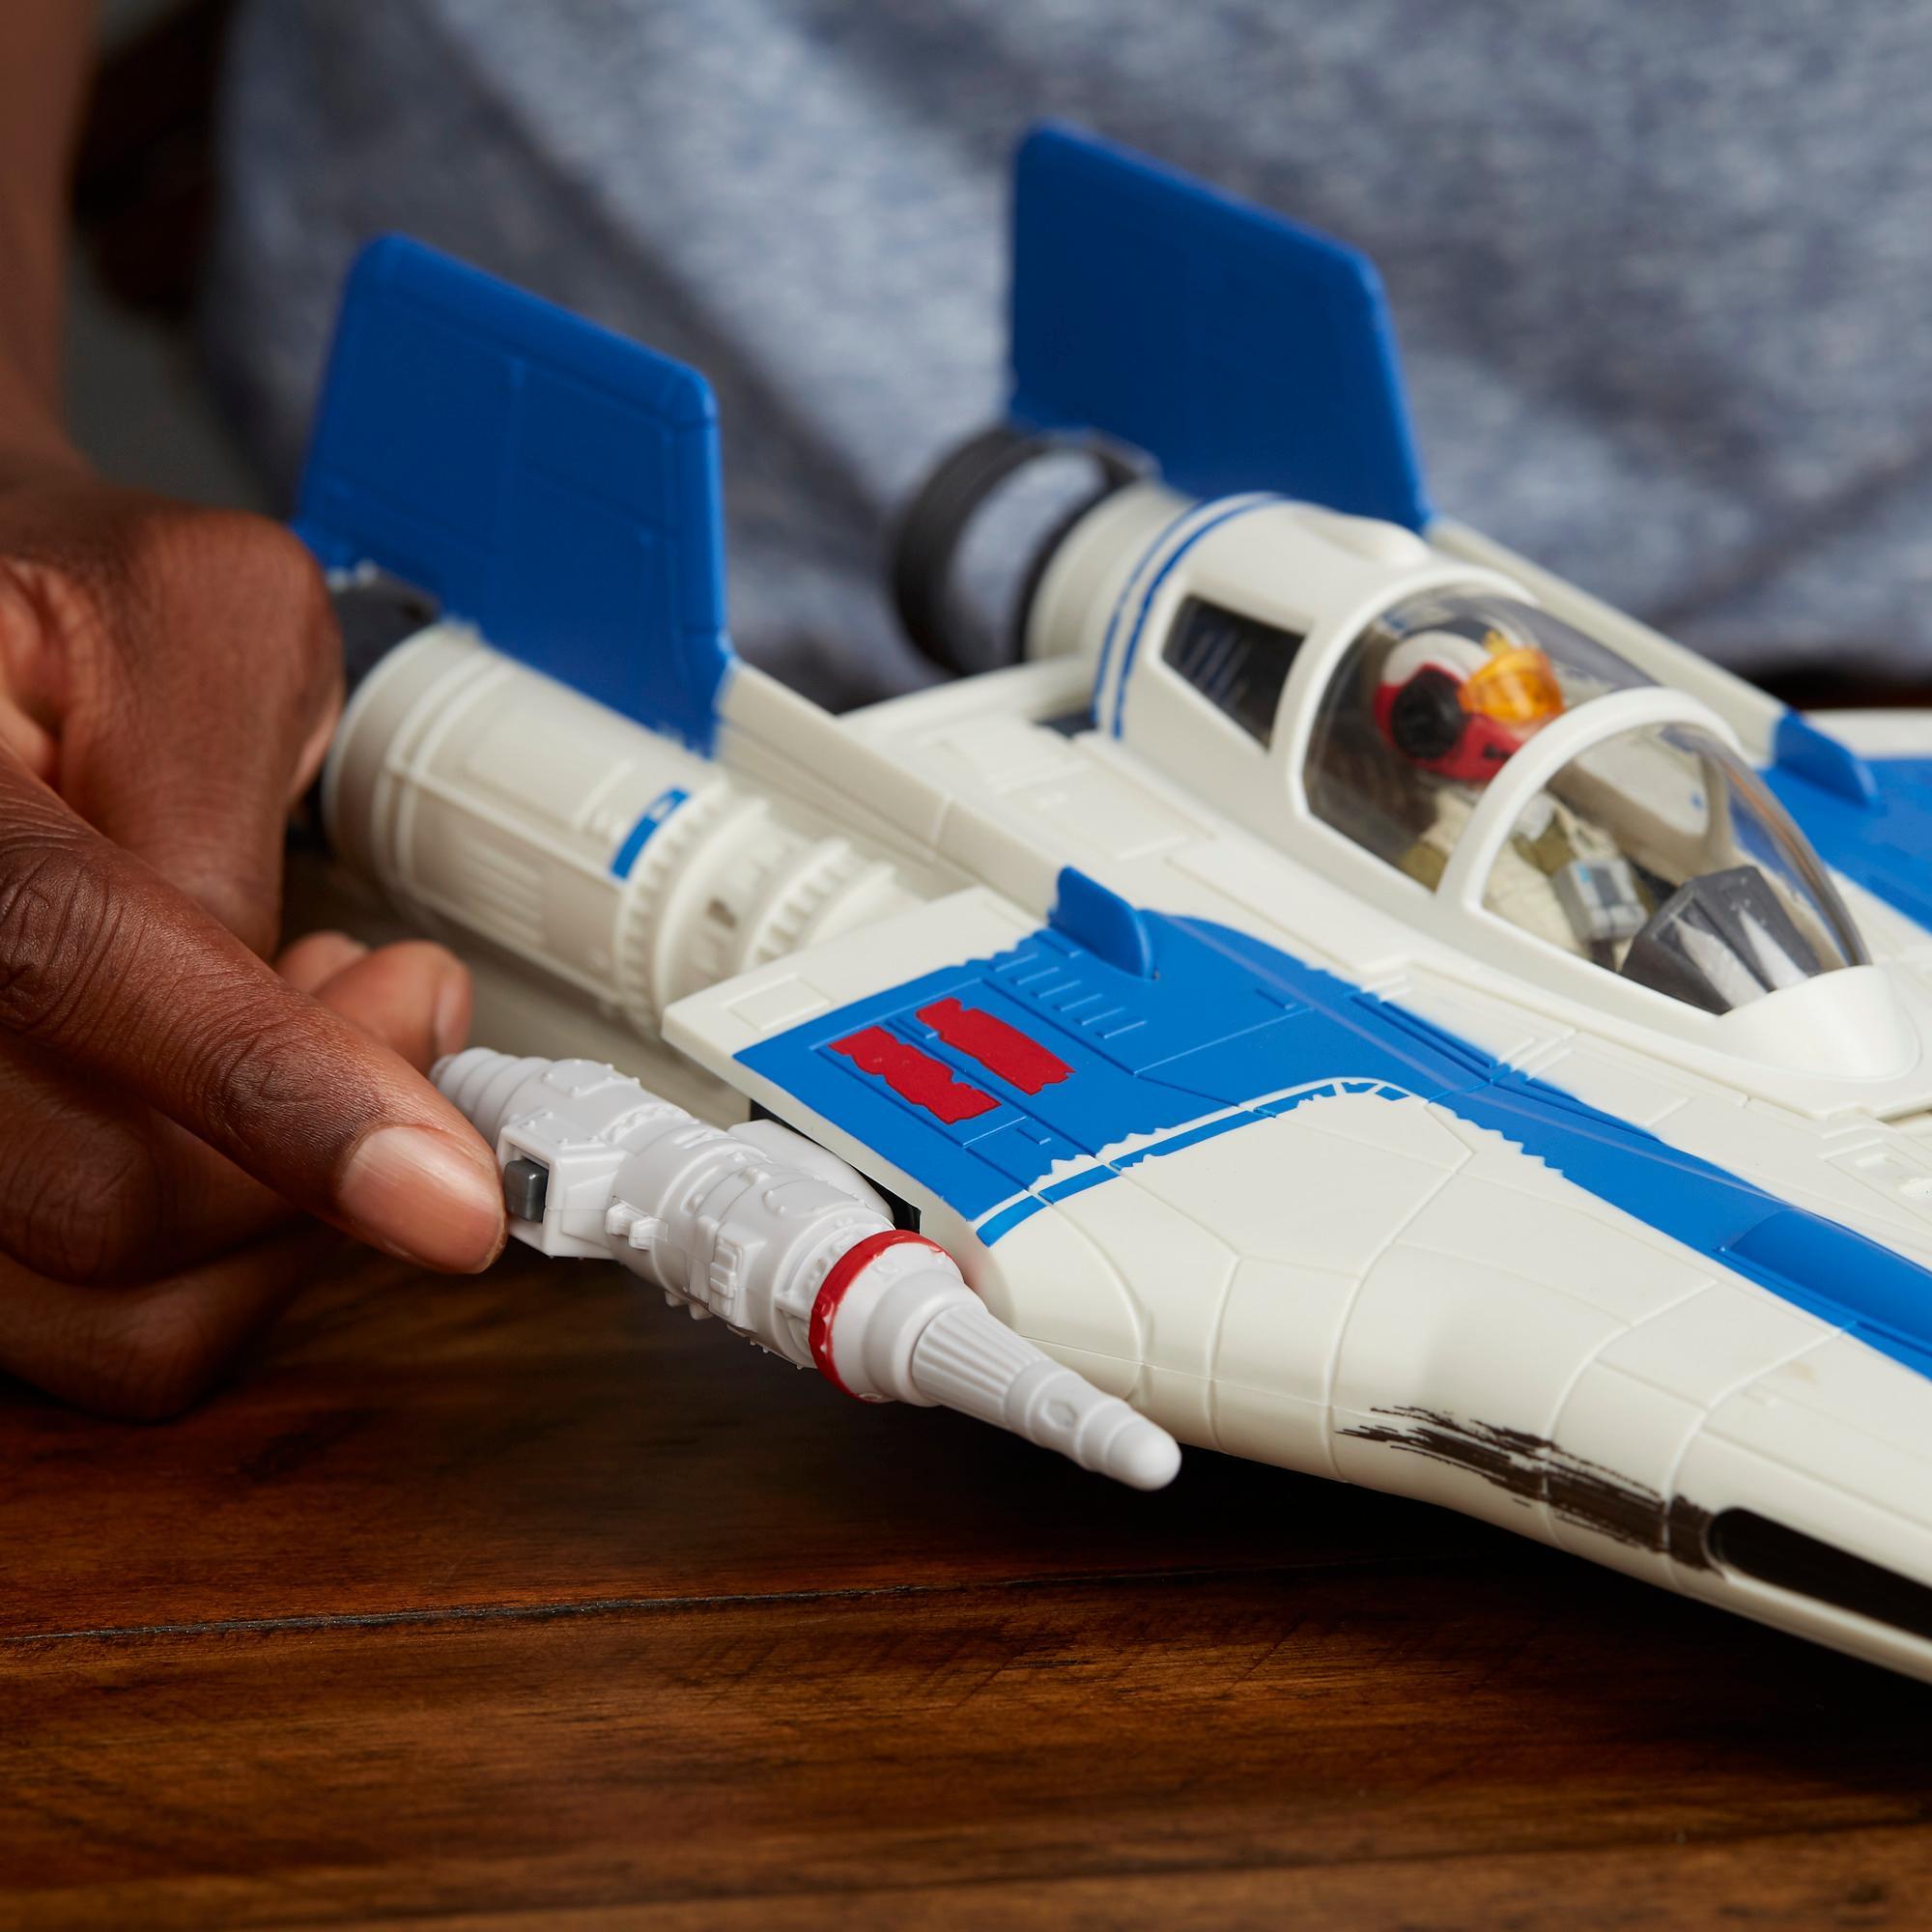 Star Wars Force Link - Chasseur A-wing  de la Résistance et Tallie pilote de la Résistance